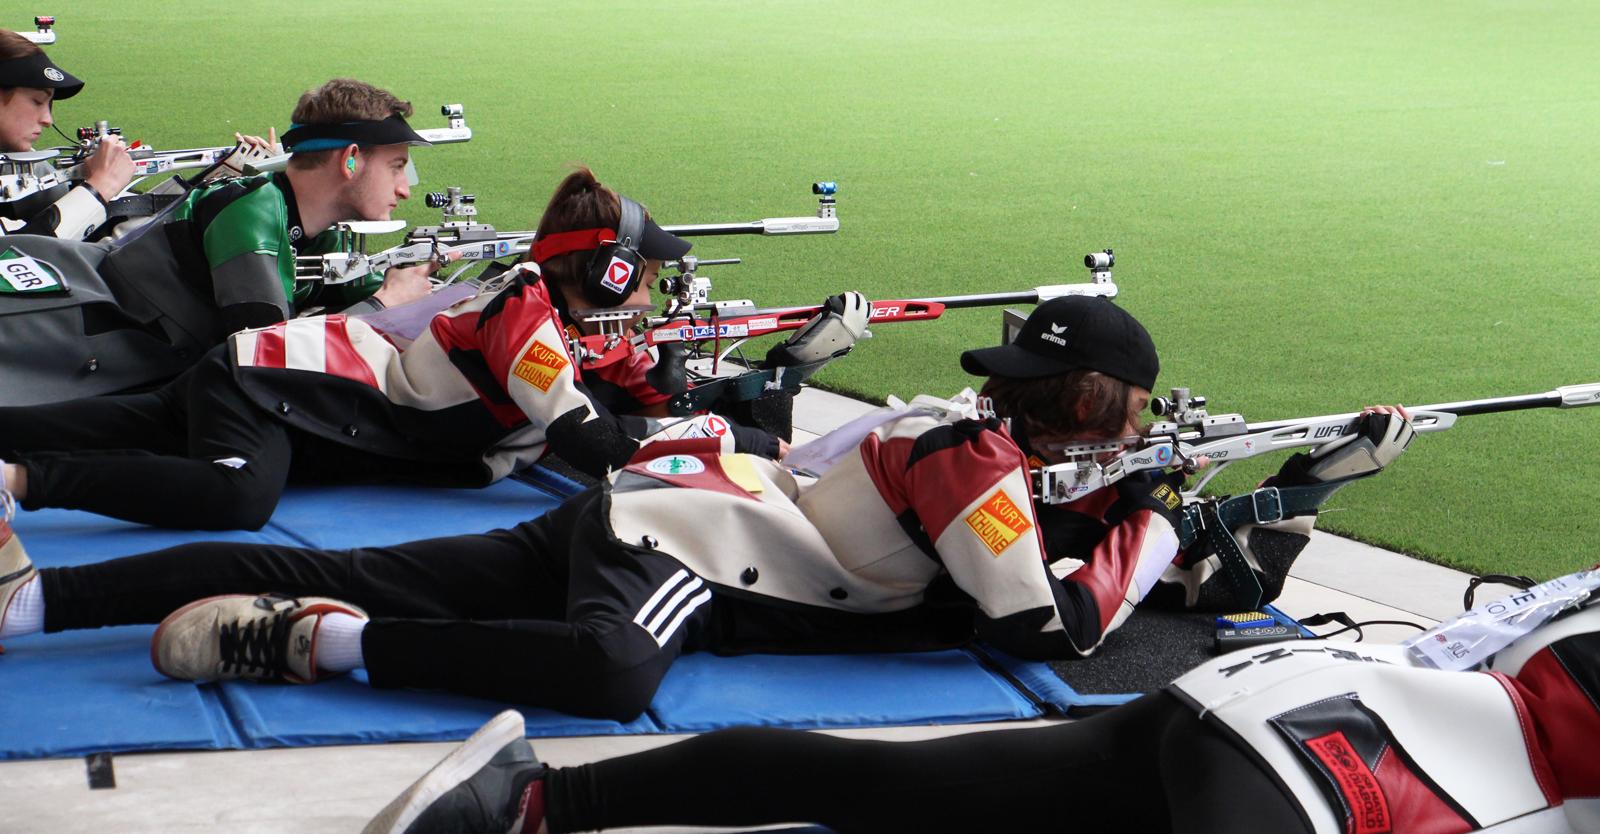 Das erfolgreiche Geschwisterpaar Sheileen und Kiano Waibel schießt sich in Lima ins Bronze-Medal-Match des KK-Liegend-Mixed- Teambewerbs © Margit Melmer, ÖSB